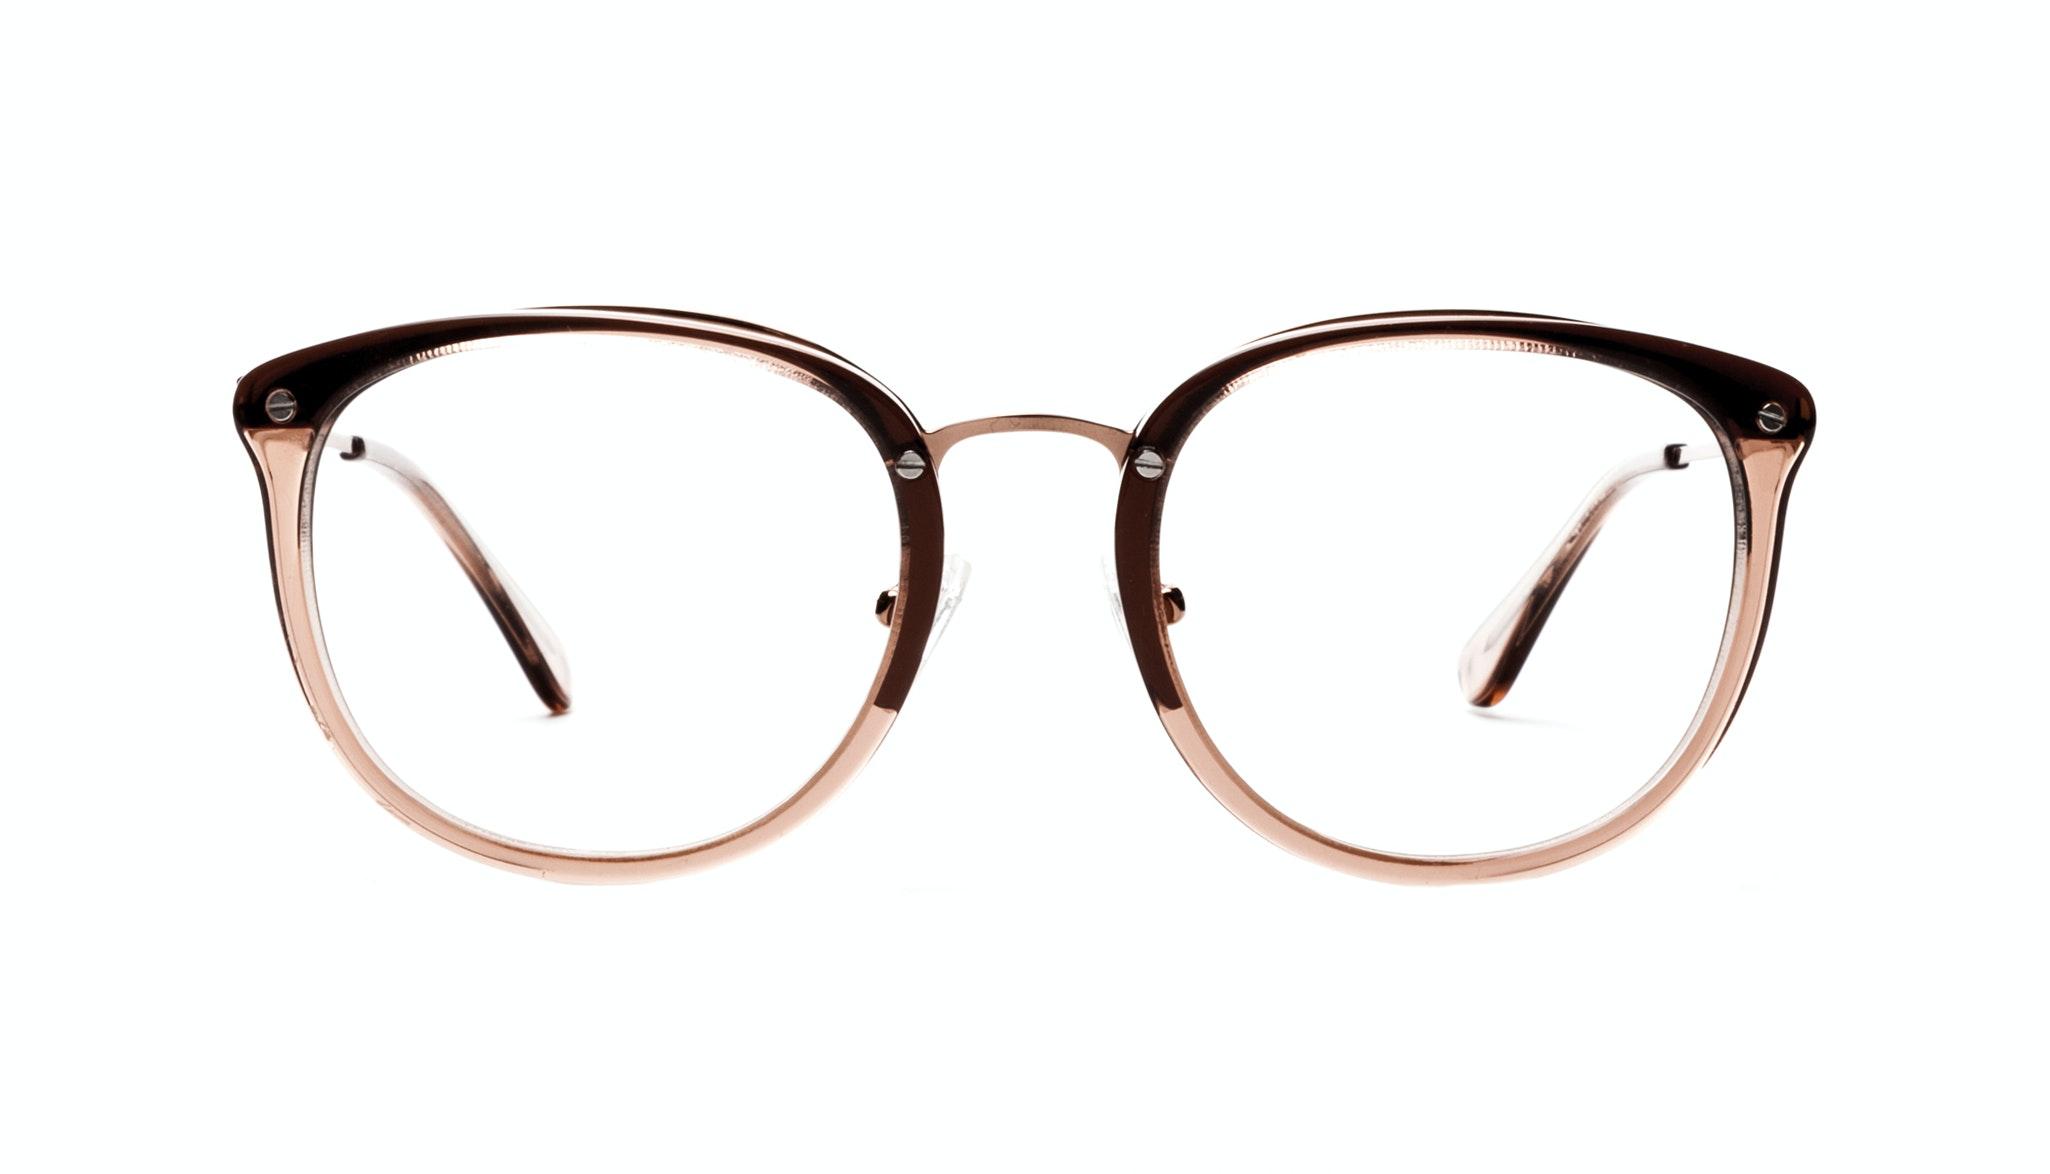 Affordable Fashion Glasses Square Round Eyeglasses Women Amaze Rose Front